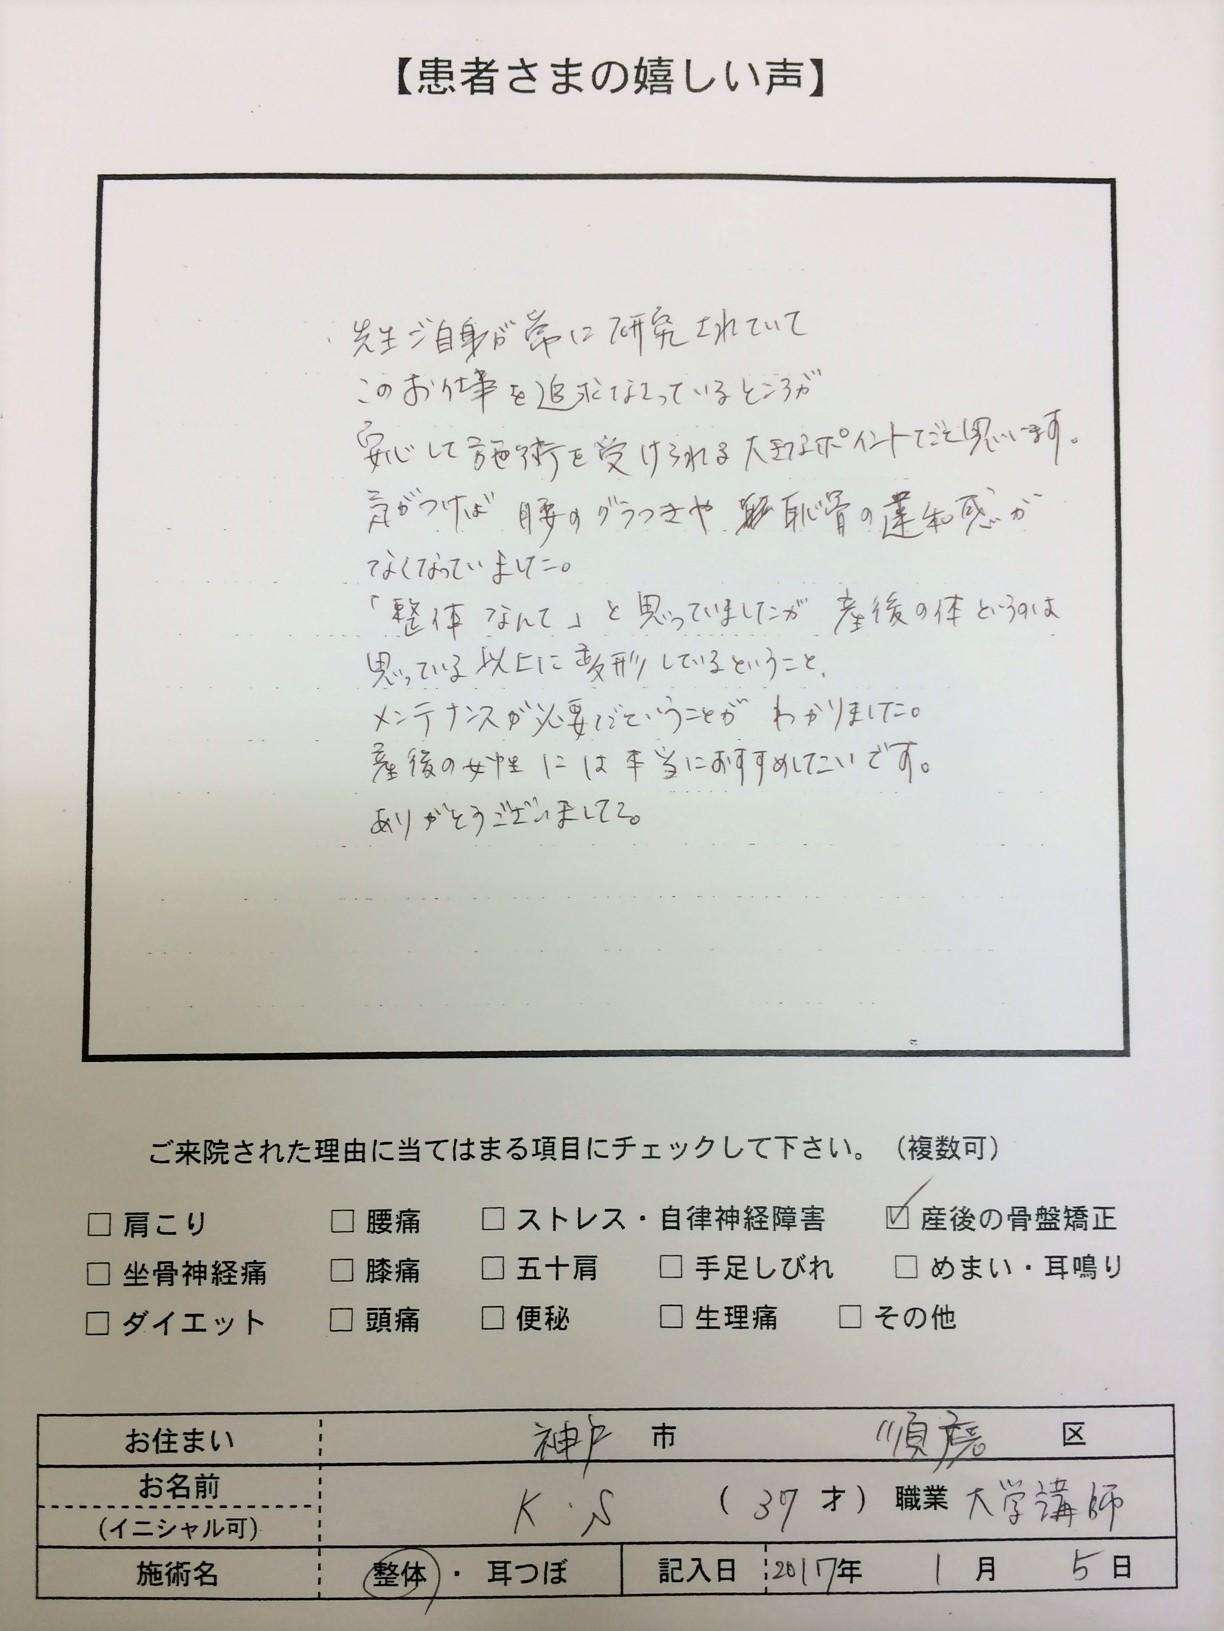 産後骨盤矯正㉑神戸市須磨区 K.S様 37才 大学講師.jpg